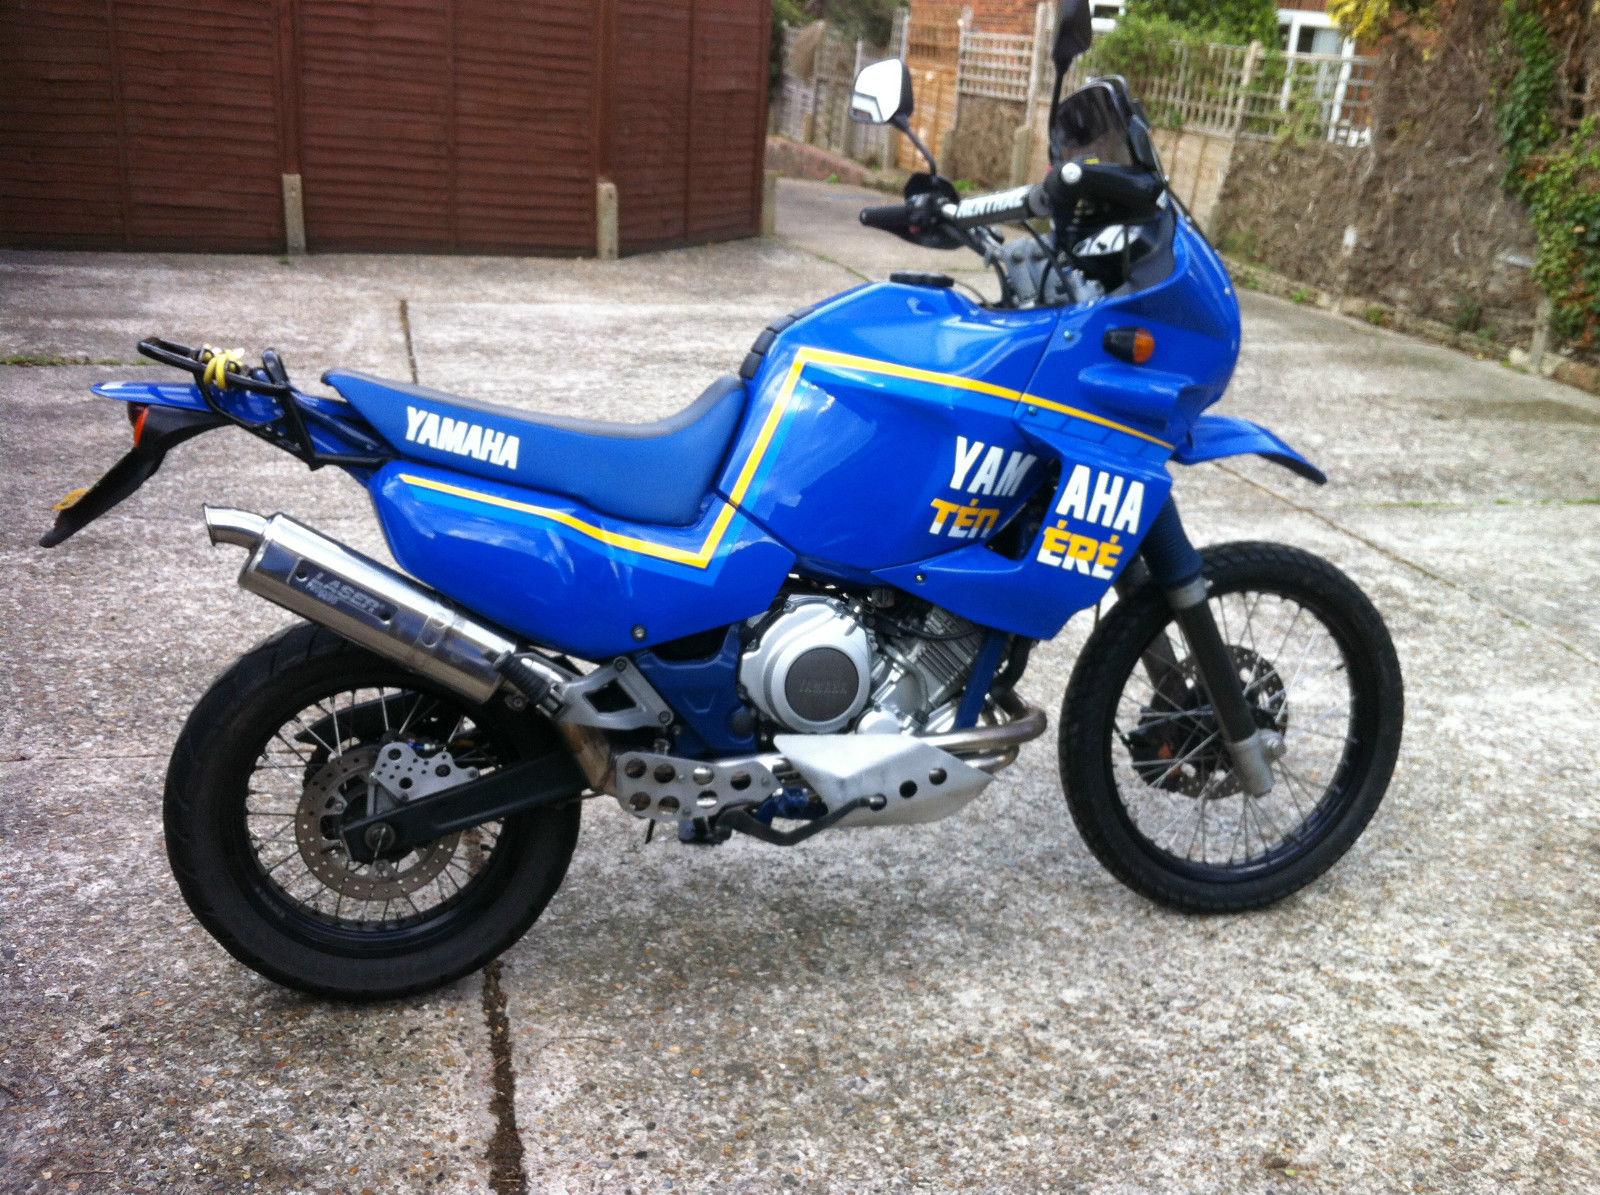 Yamaha Xtz Tenere Price